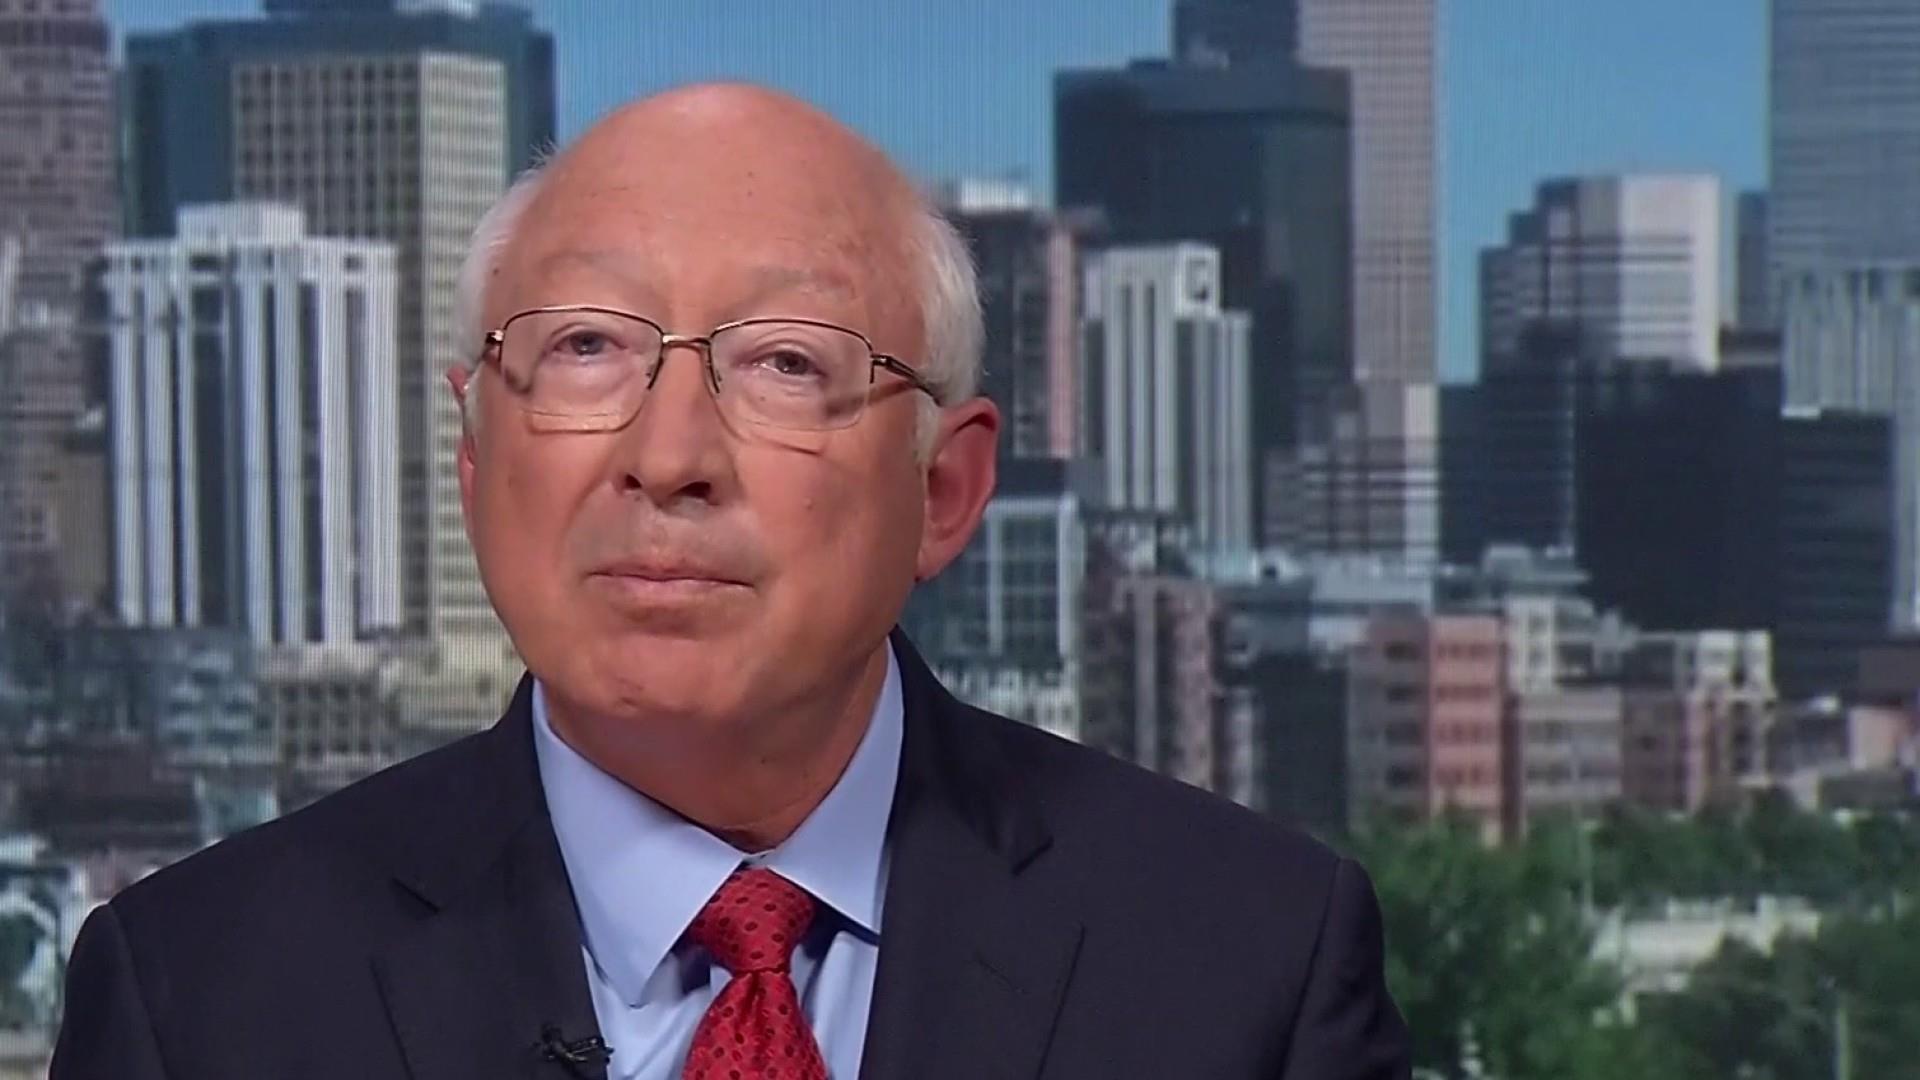 Ken Salazar endorses Joe Biden for president